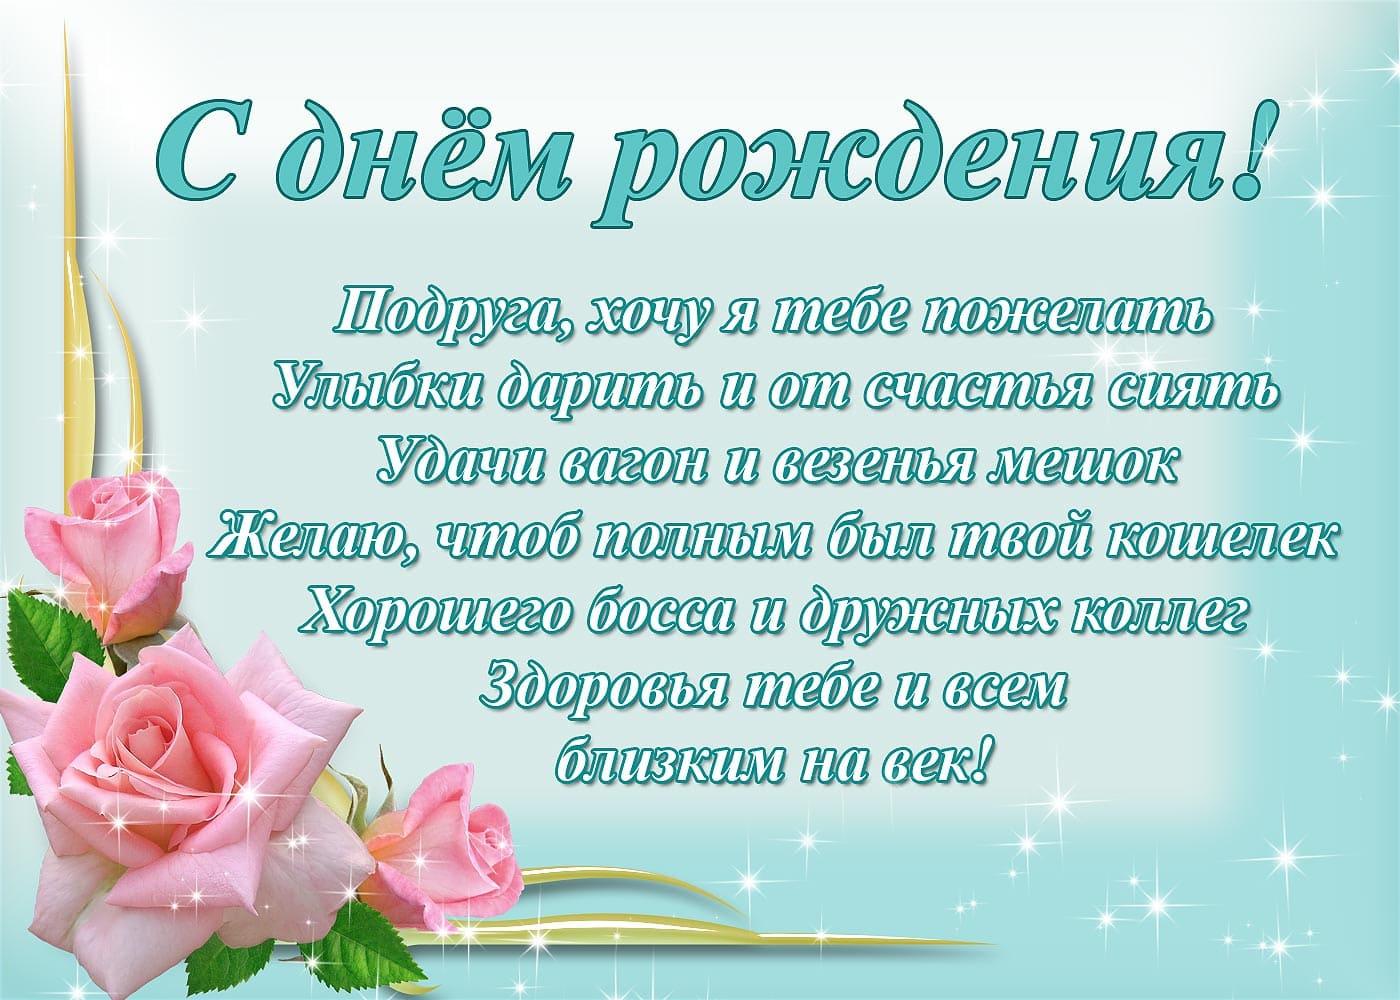 Изображение - Открытка поздравления подруге с днем рождения otkrytki-s-dnem-rozhdeniya-podruge-37